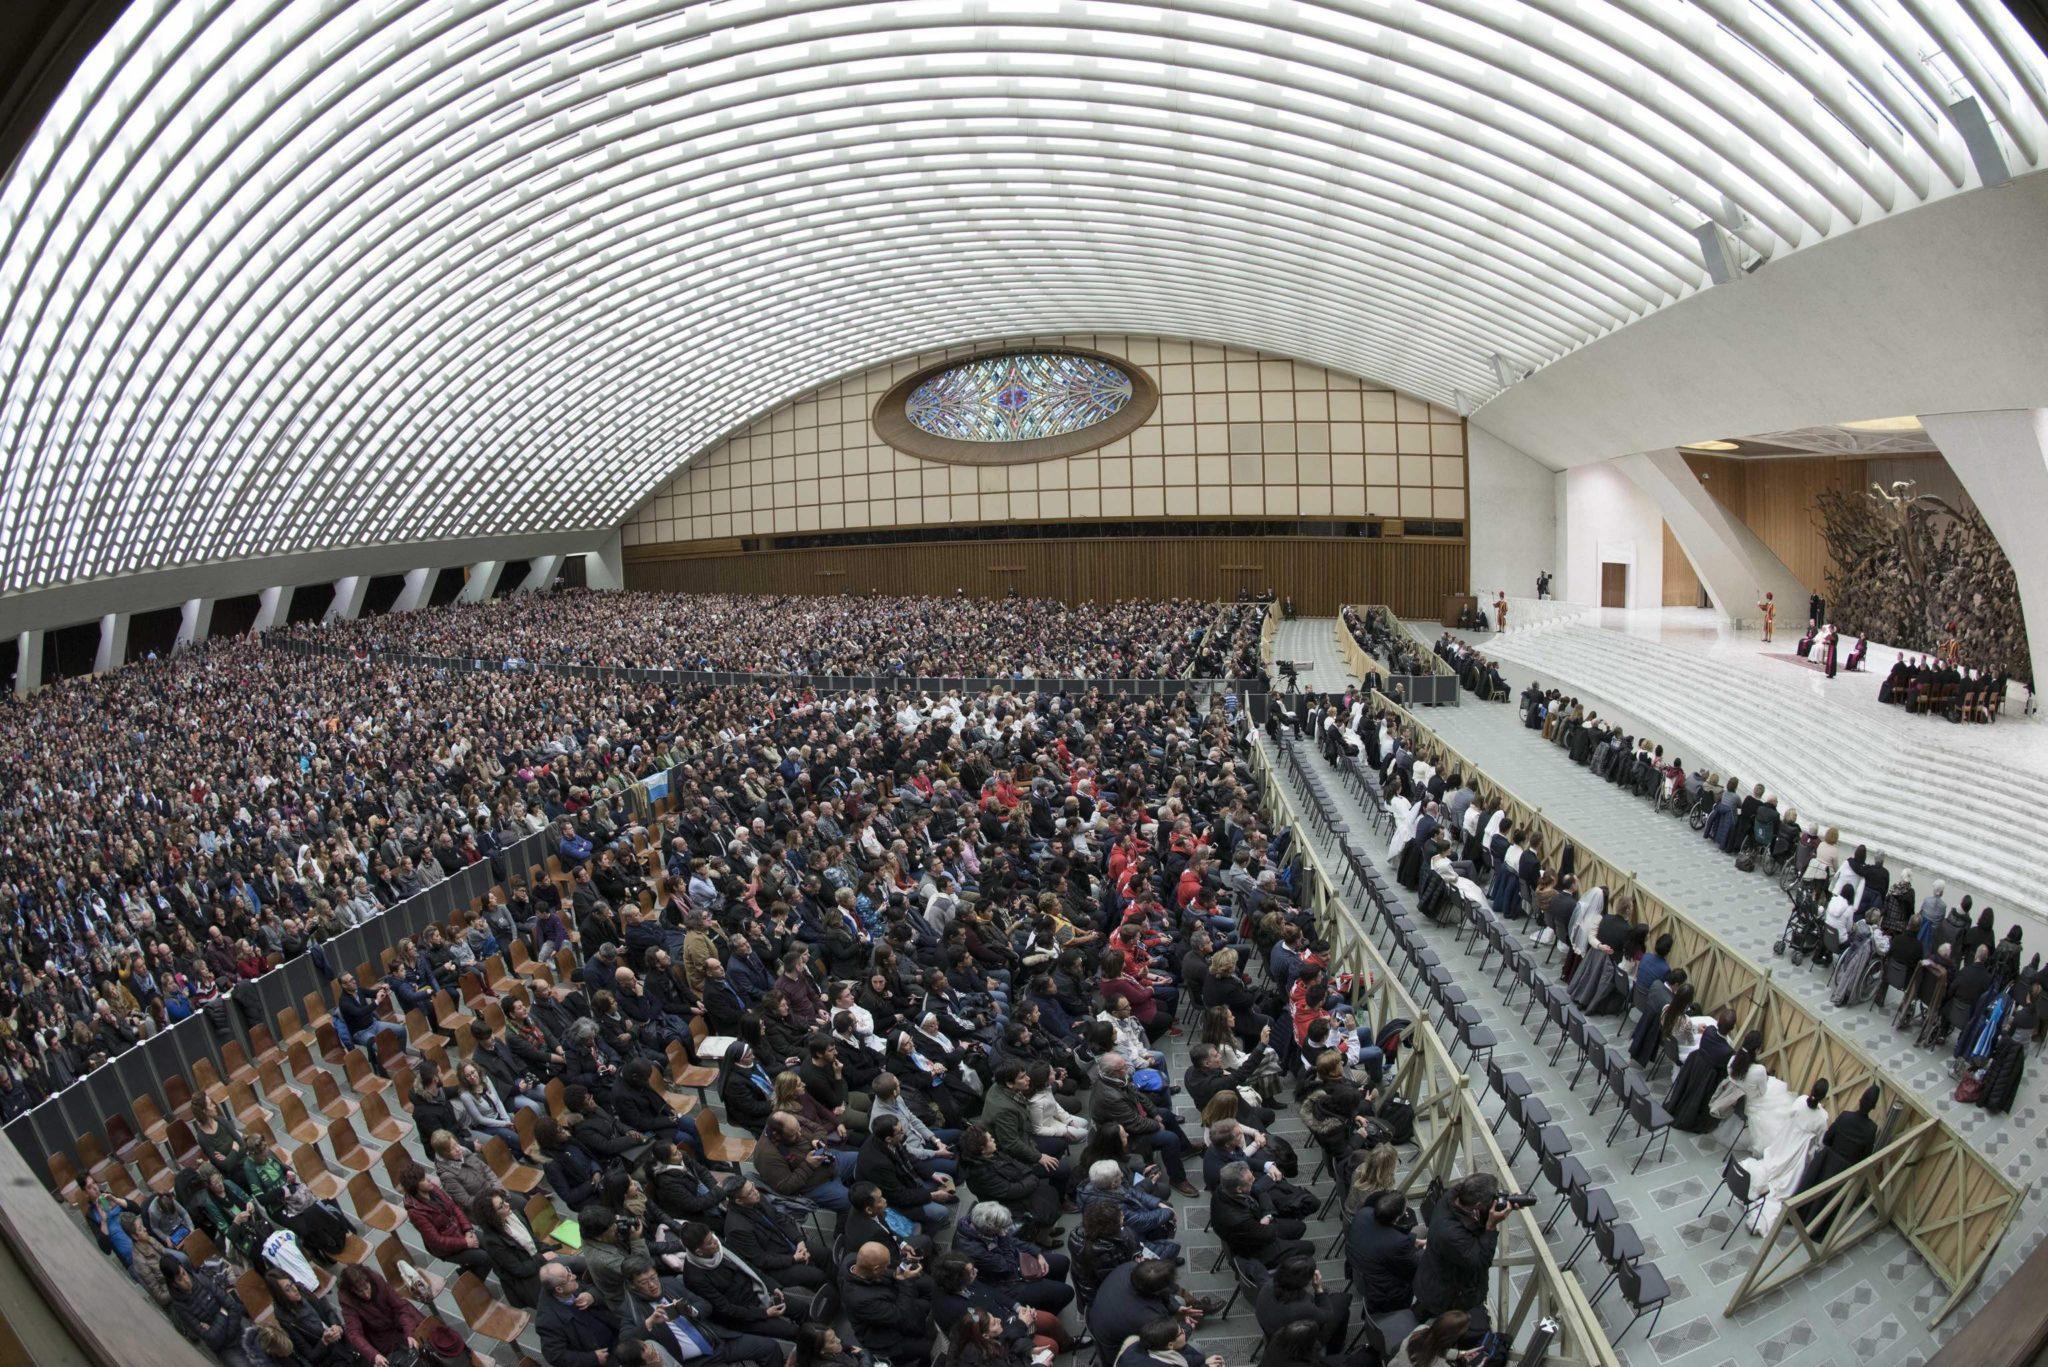 Watykan: audiencja generalna papieża Franciszka w auli Pawła VI (foto. PAP/EPA/GIORGIO ONORATI)